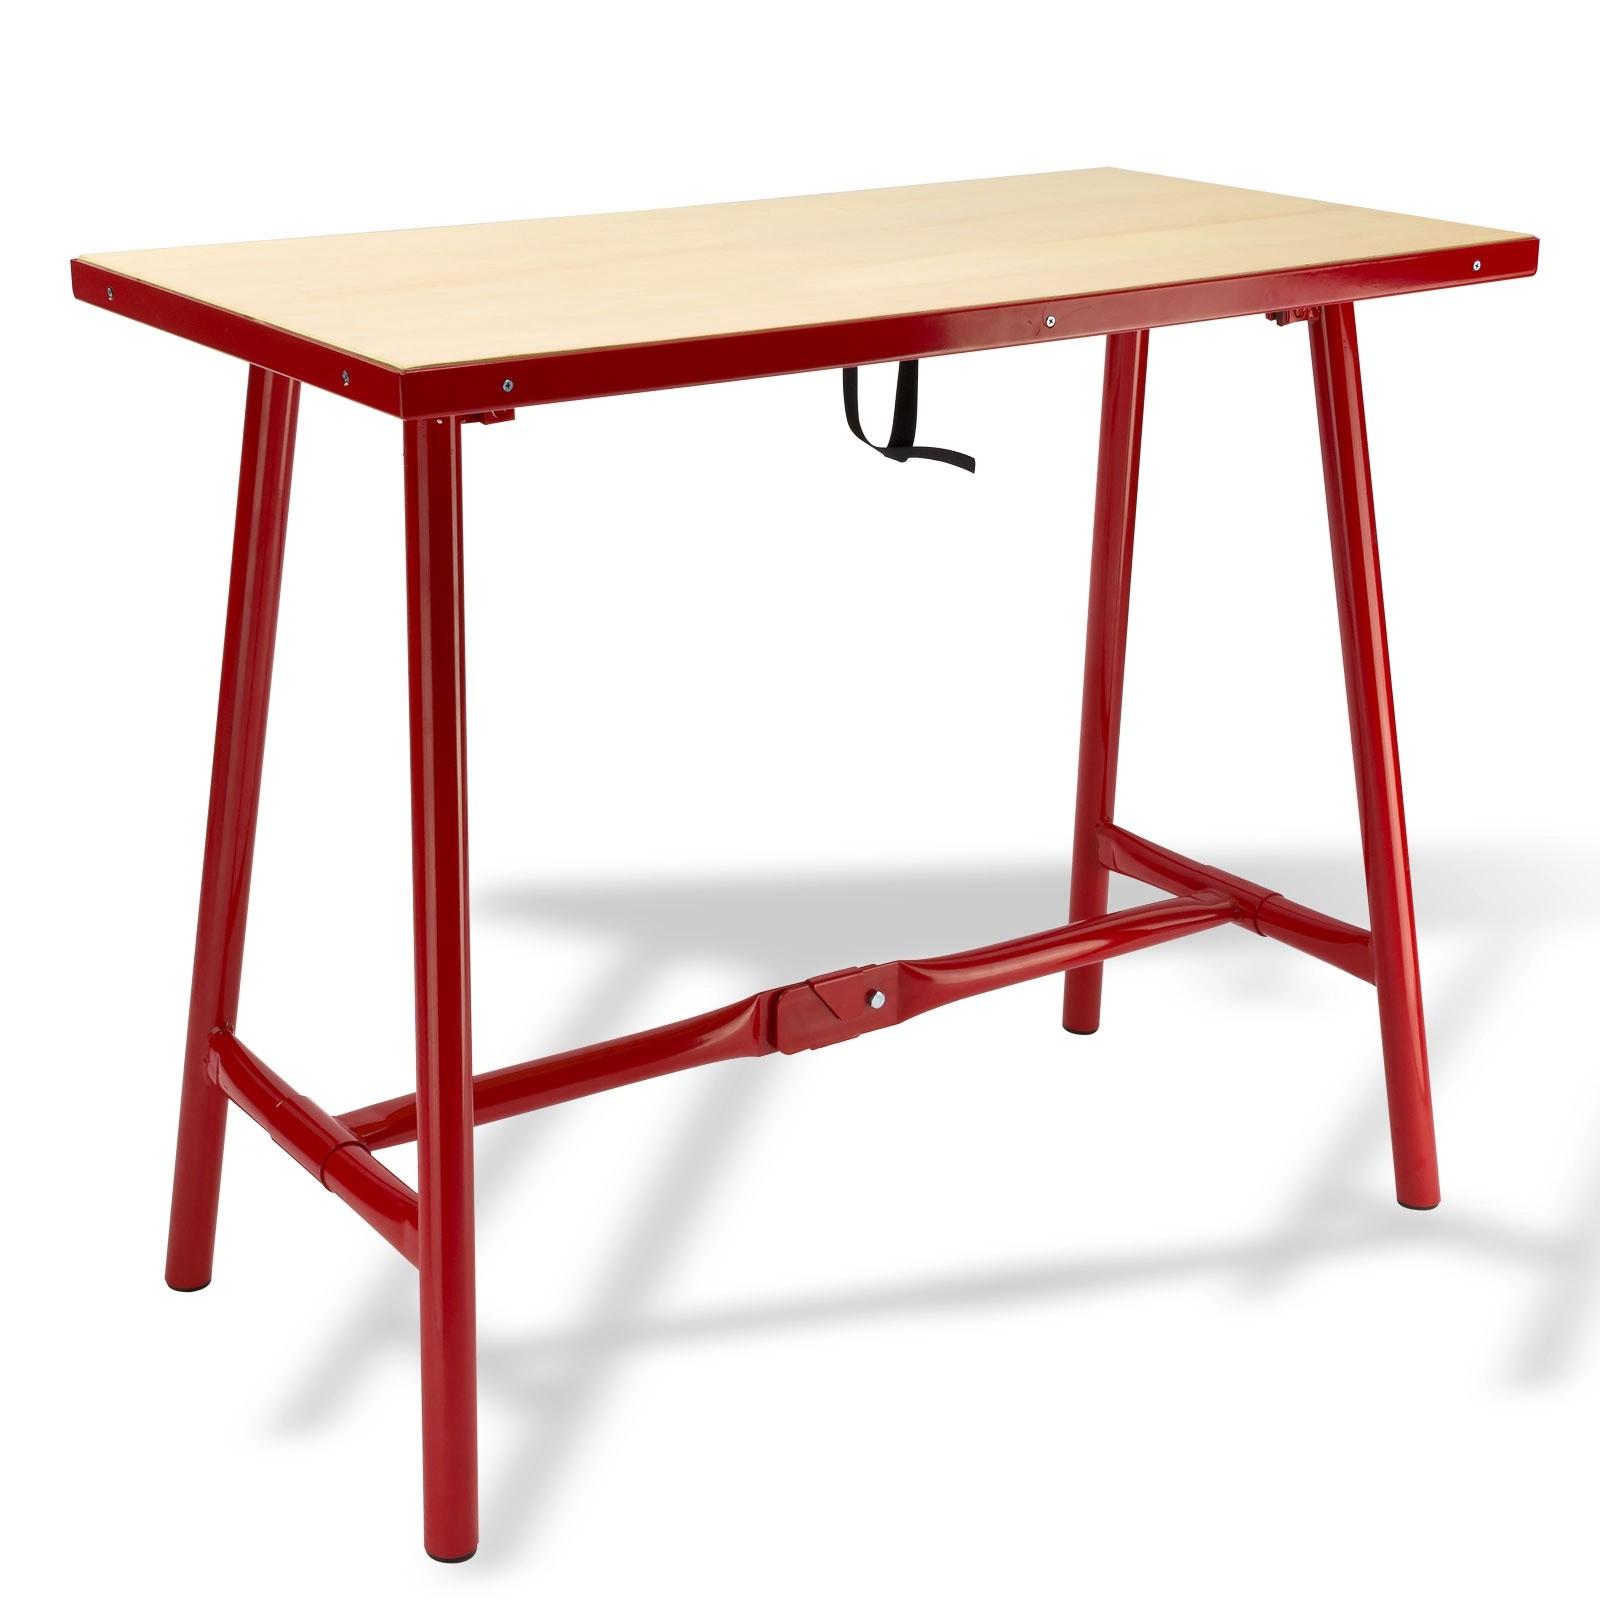 Dema Klapp Werkbank Werktisch Arbeitstisch Klappwerkbank Klappwerktisch L 100x50 cm 40904